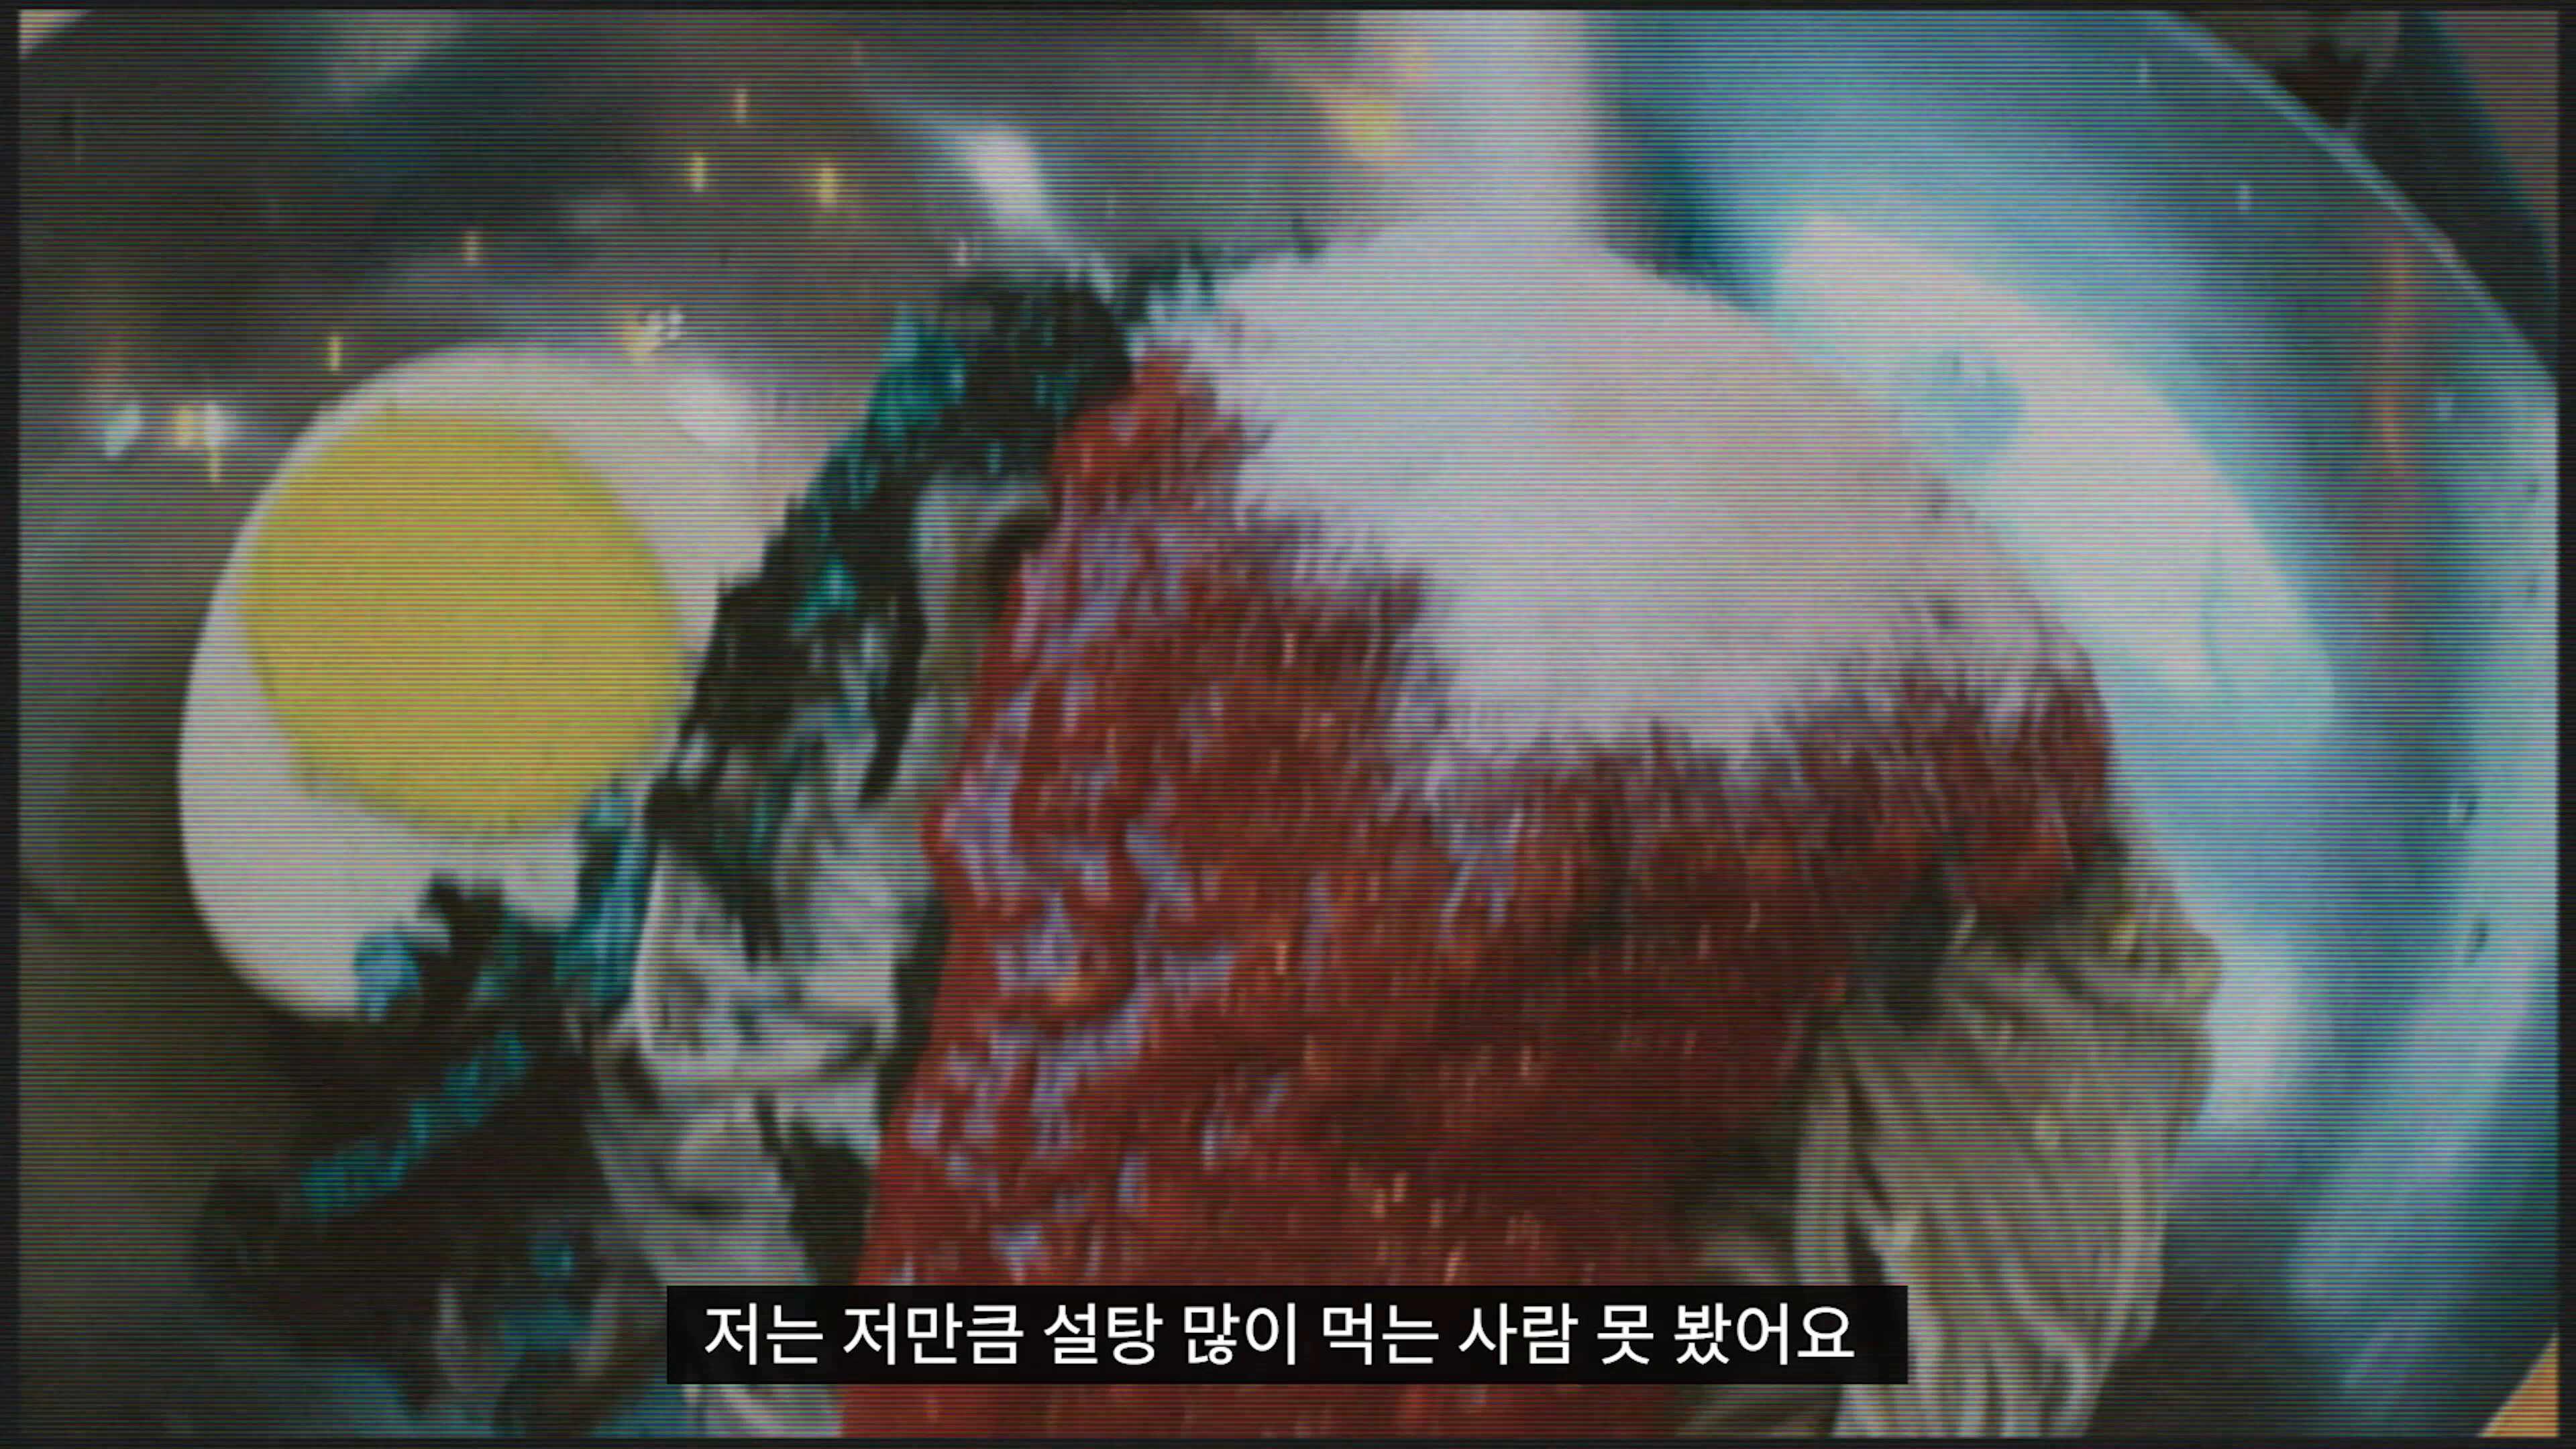 전소연(JEON SOYEON) - 바람피는 날 (Blooming Windy Day) Part.2